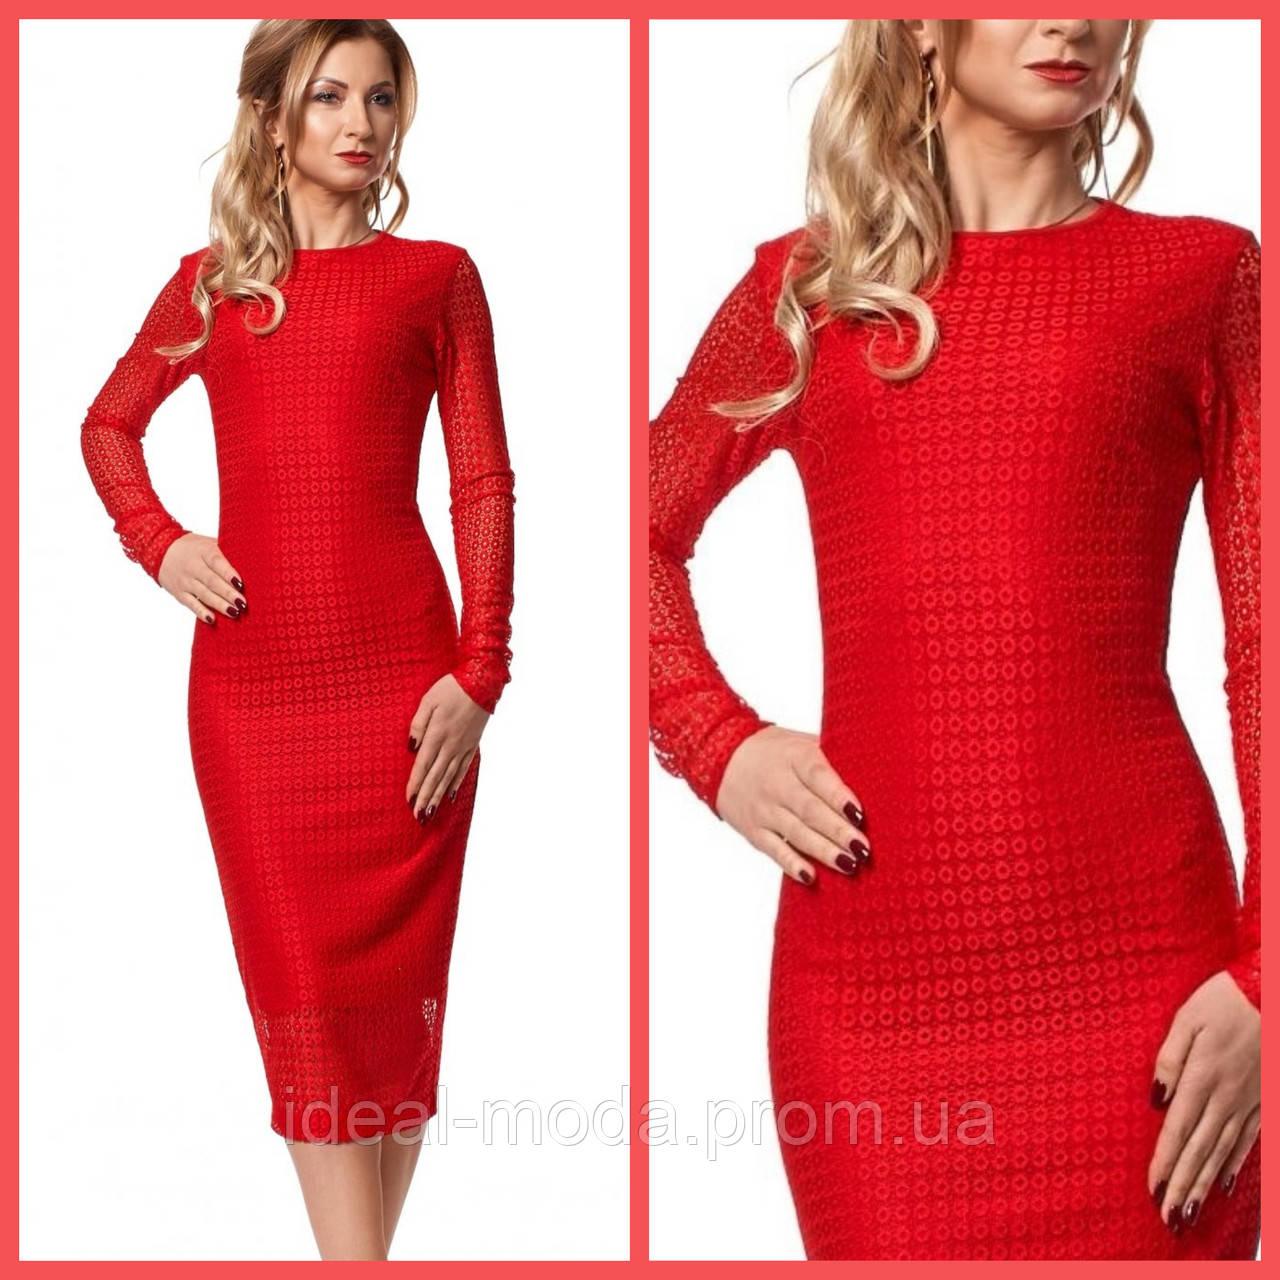 b2cdd3a2fb4 Вечерние платья с гипюра Анна -